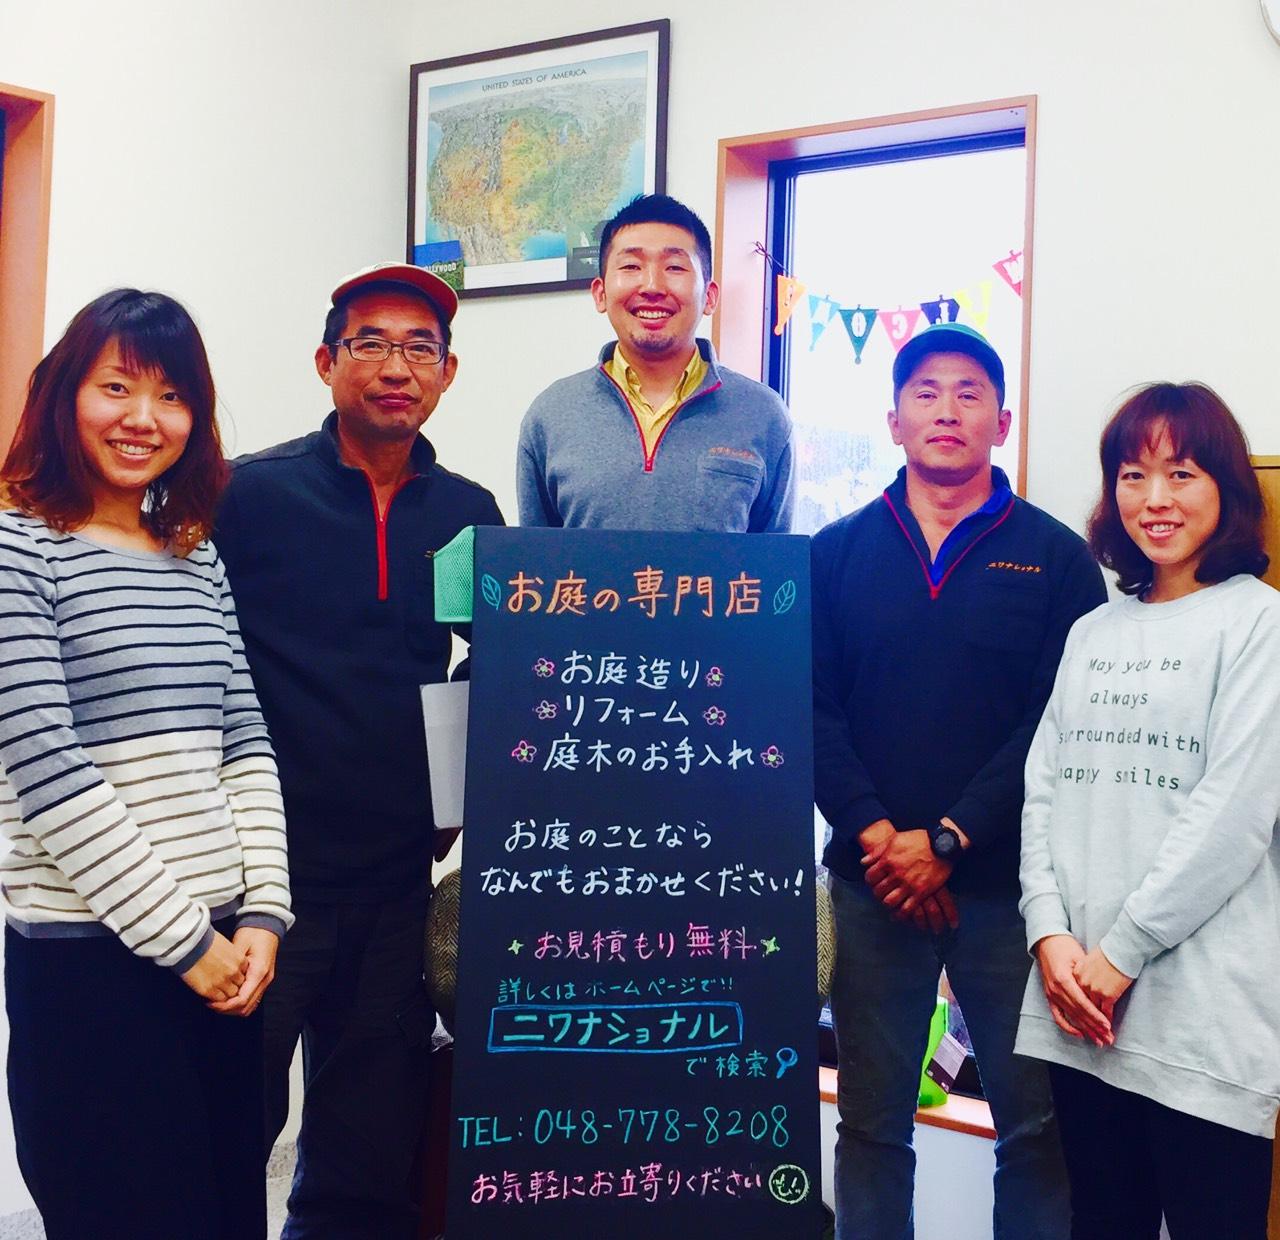 観葉植物のお手入れサービス by ニワナショナル